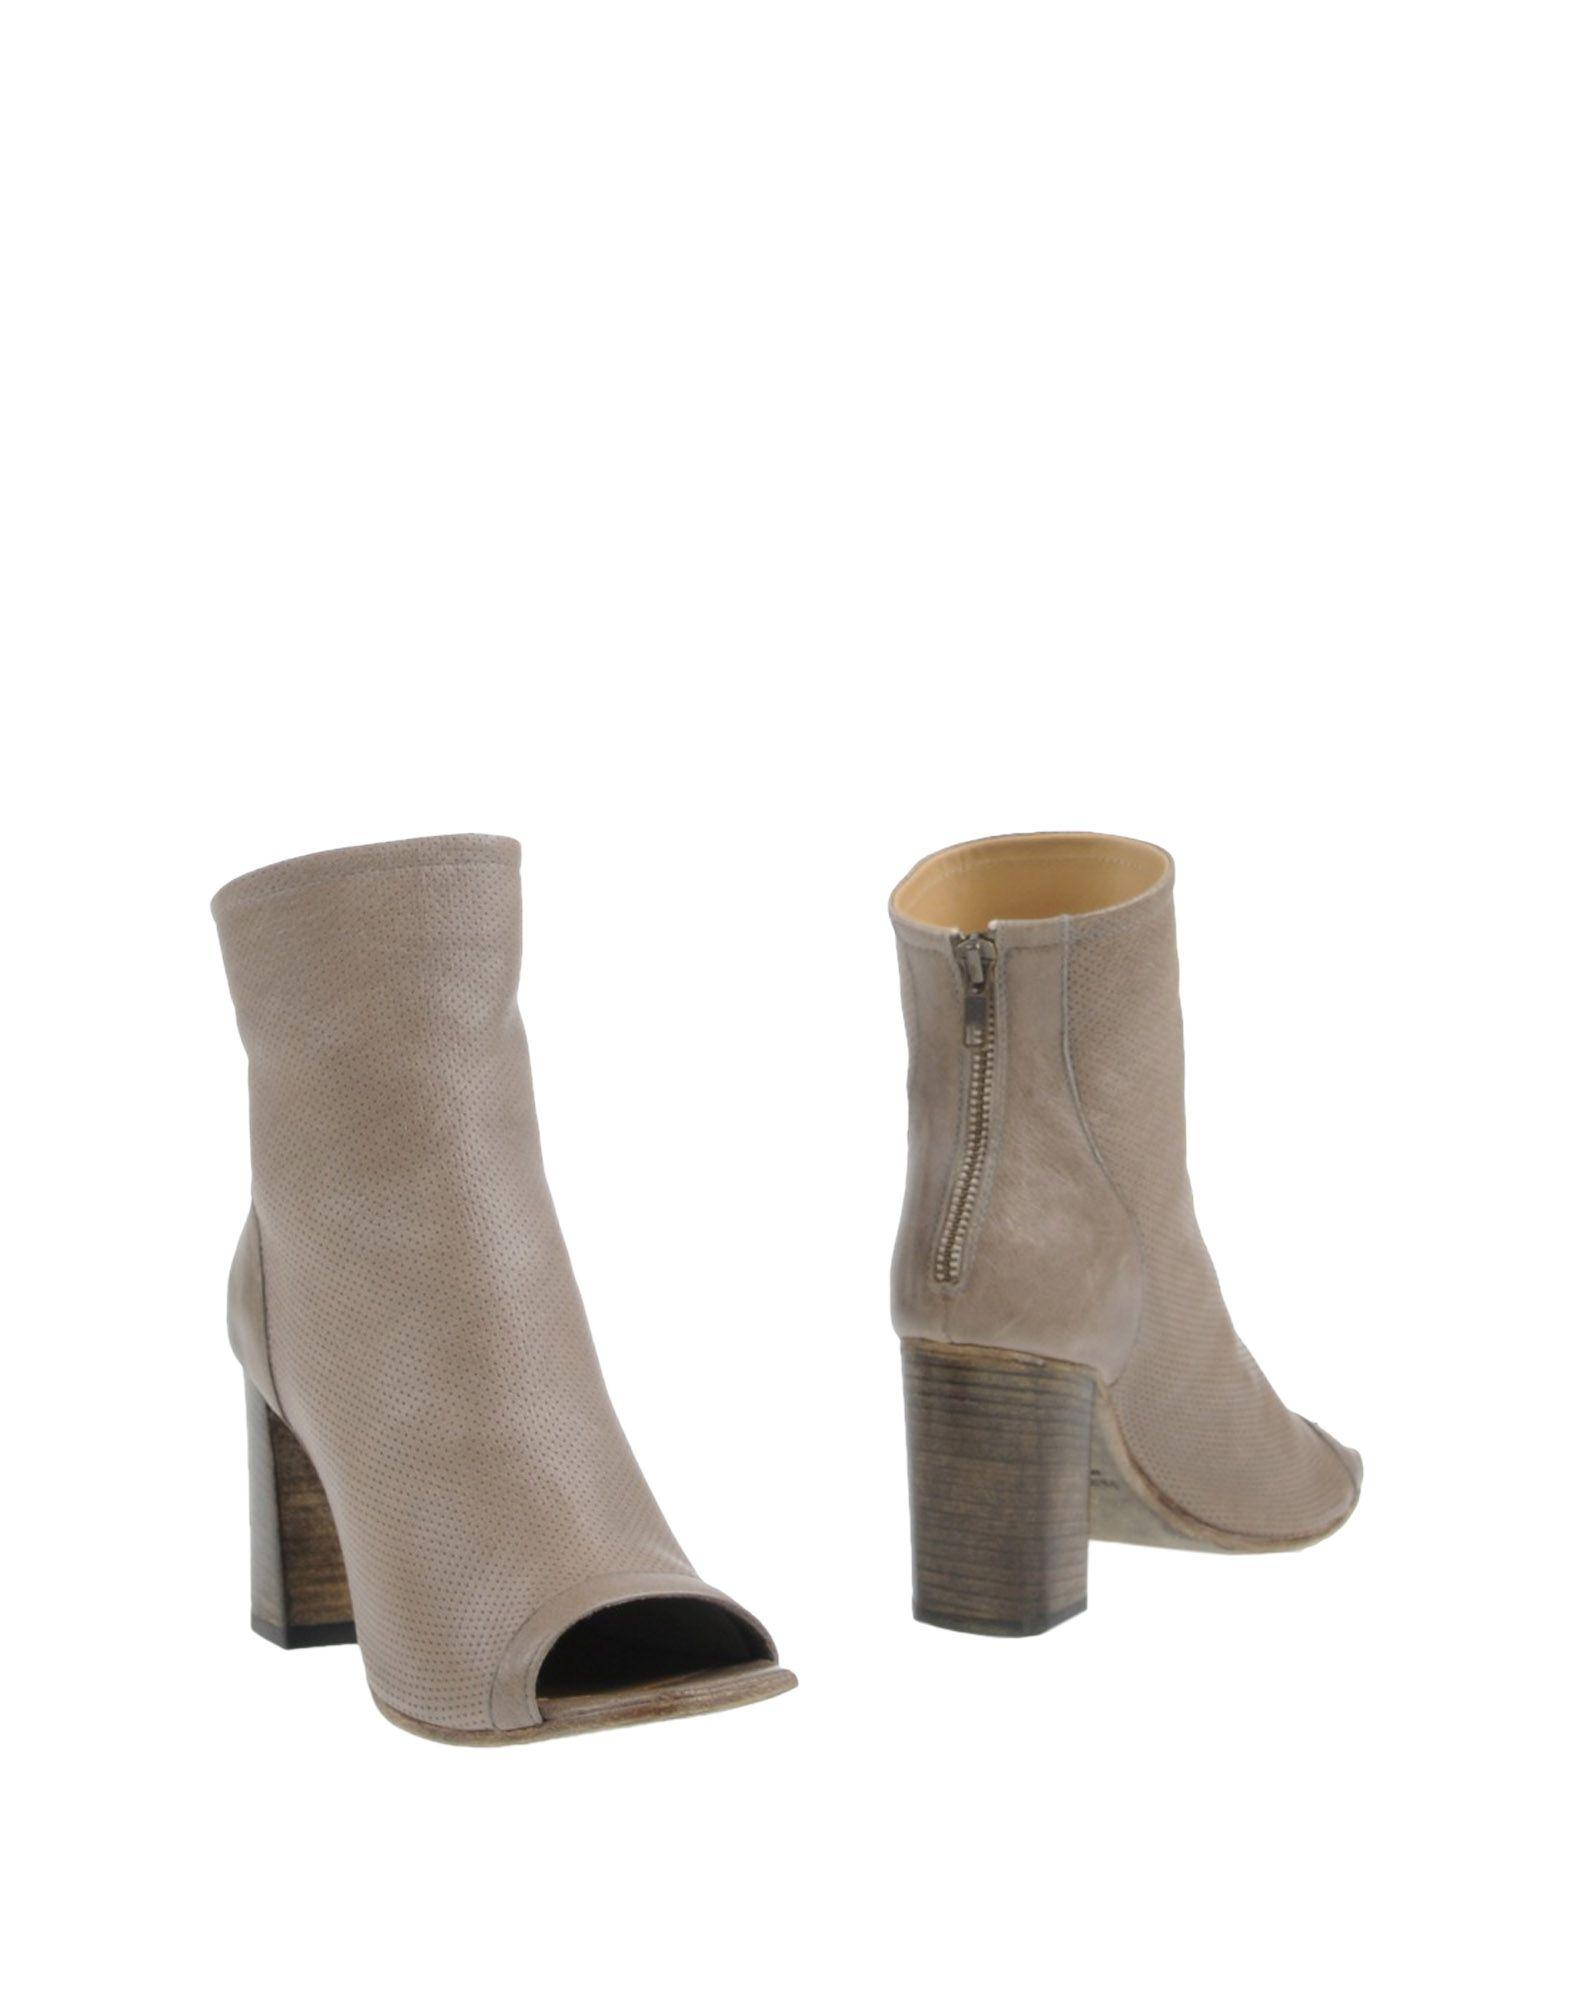 Lemaré Stiefelette Damen  11233028KK Gute Qualität beliebte Schuhe